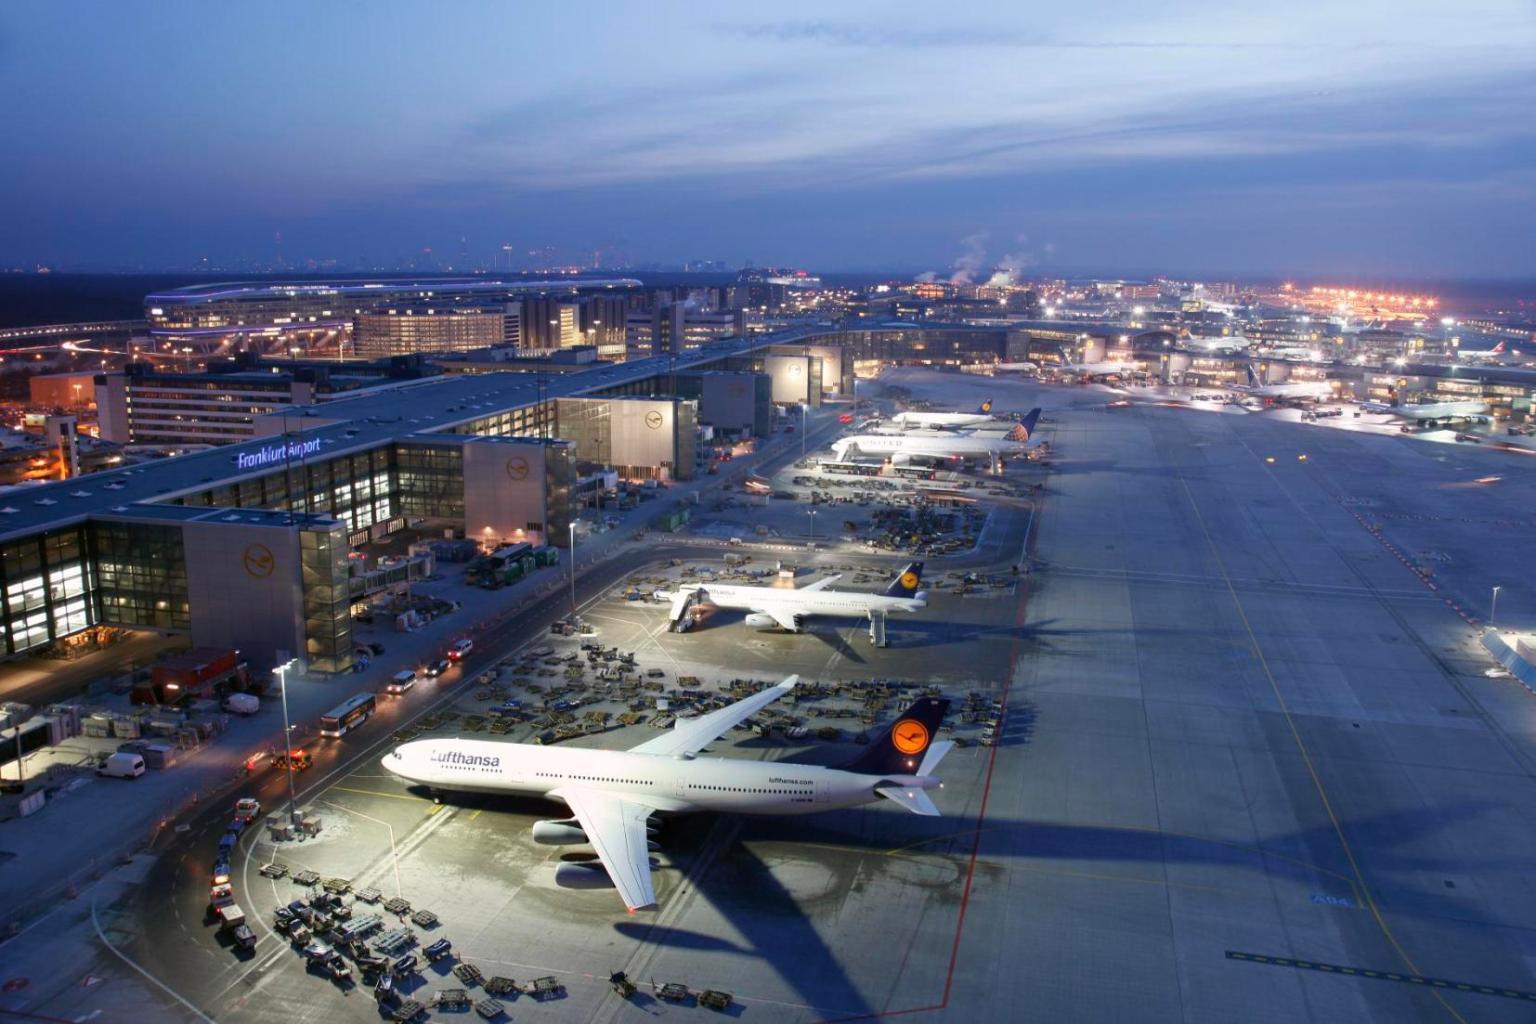 Lufthansa отменила 22 рейса из-за проблем с программным обеспечением